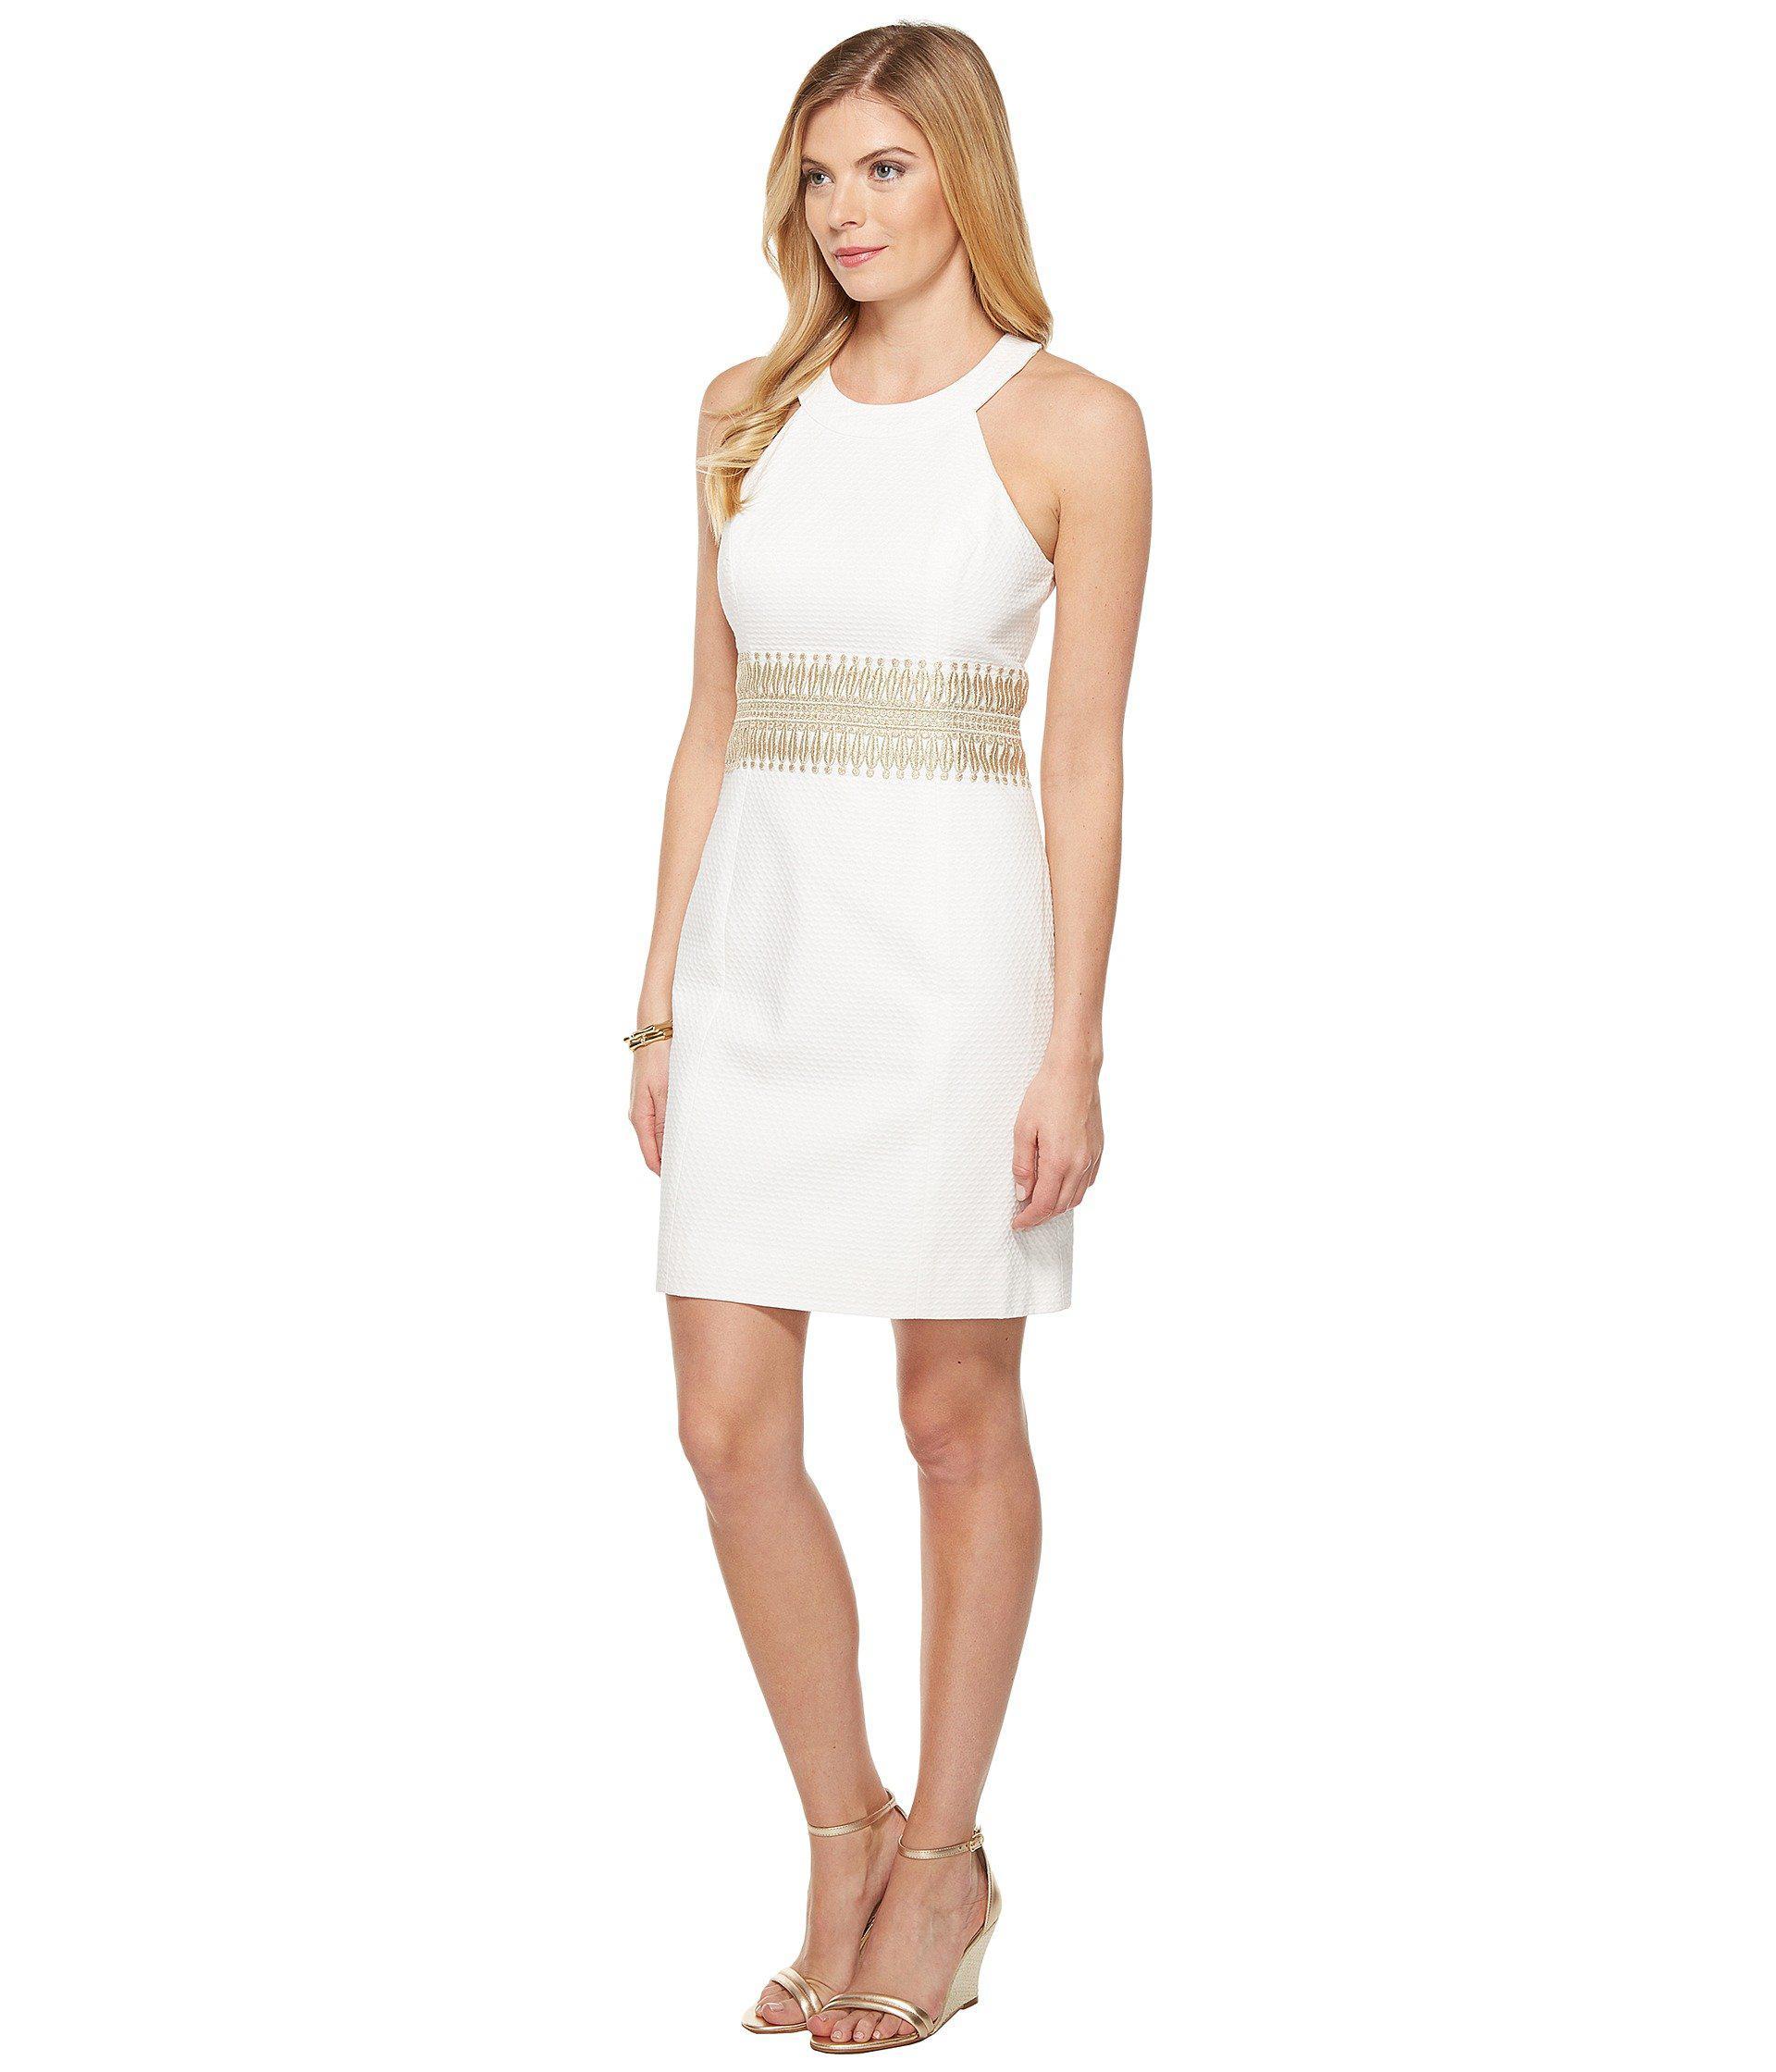 328f6bea66fbbe Lilly Pulitzer Ashlyn Shift Dress (resort White) Women's Dress in ...